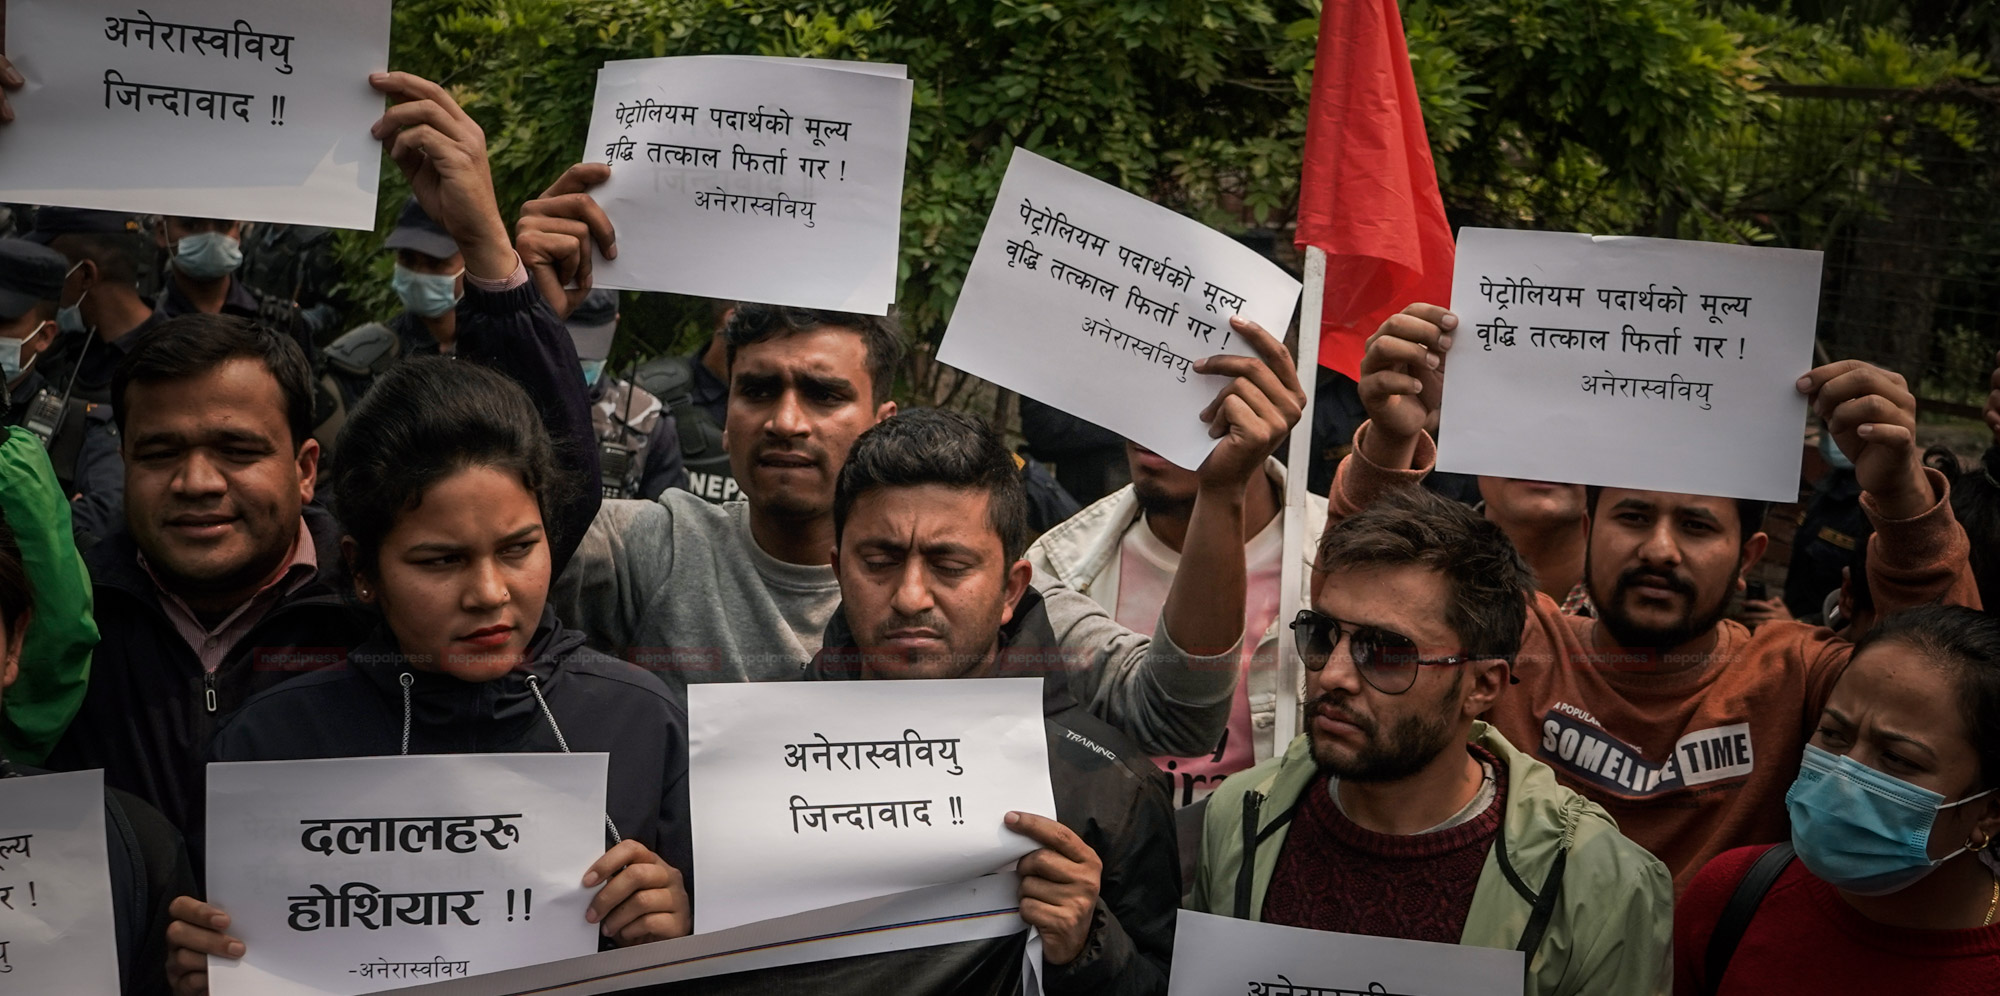 माधव नेपाल पक्षधर विद्यार्थीद्वारा आयल निगम घेराउ (तस्बिरहरू)